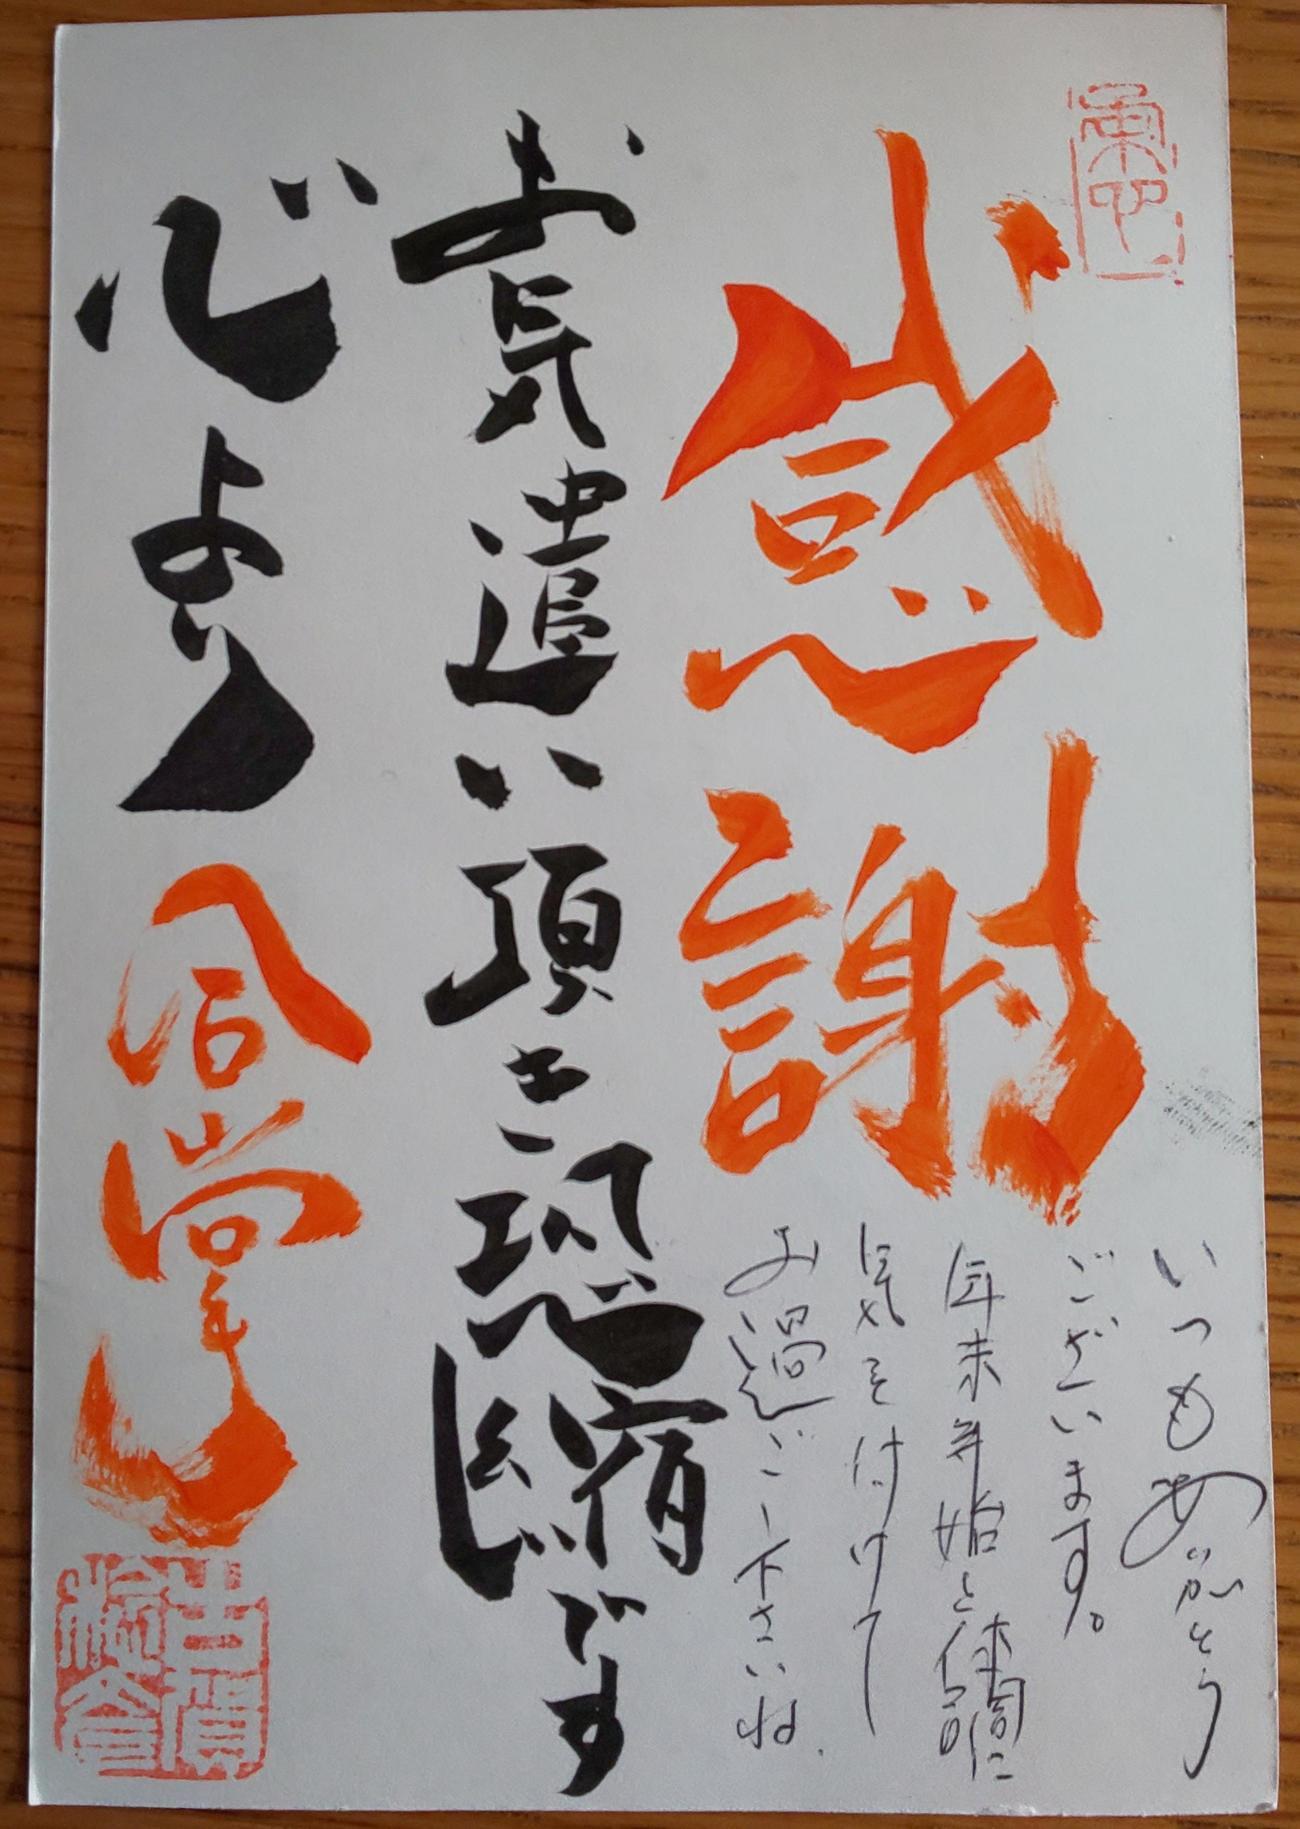 昨年12月に届いた古賀稔彦さんからの礼状